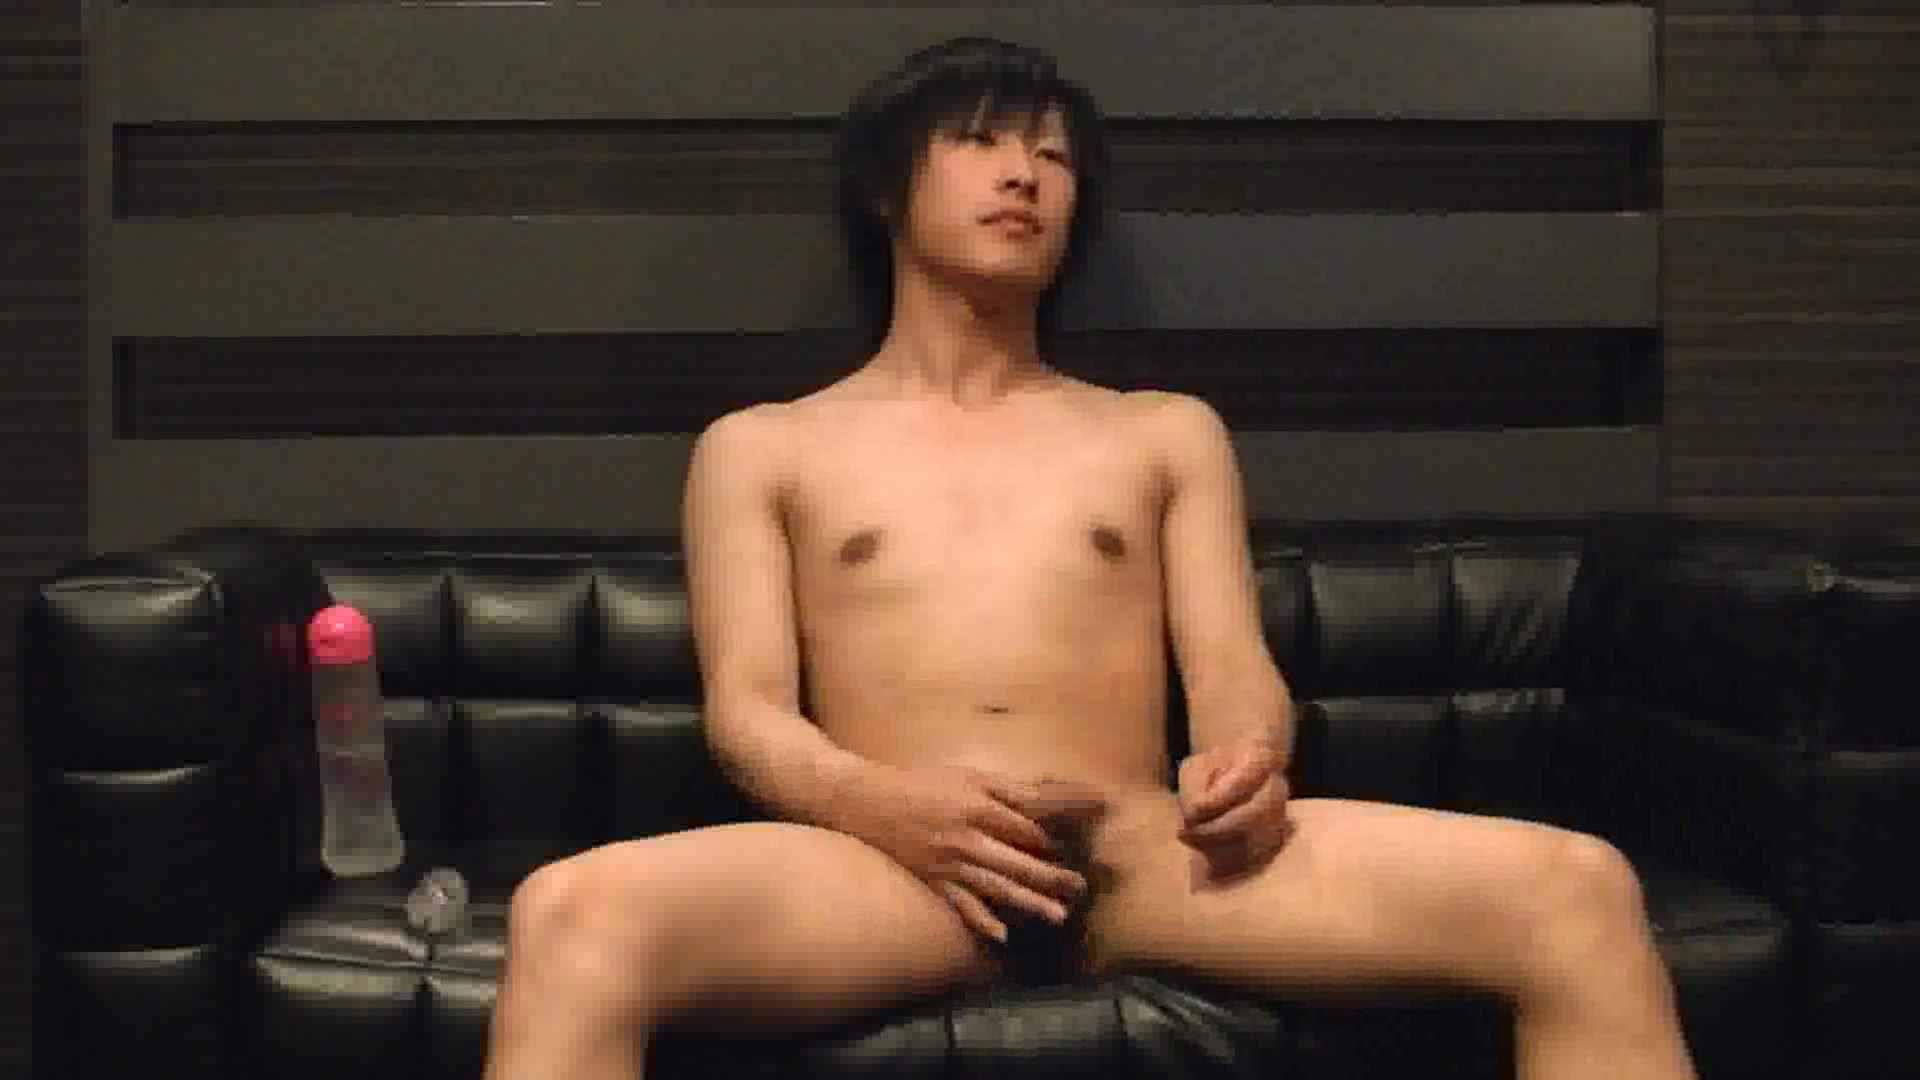 ONA見せカーニバル!! Vol6 イケメンたち ケツマンスケベ画像 109pic 45